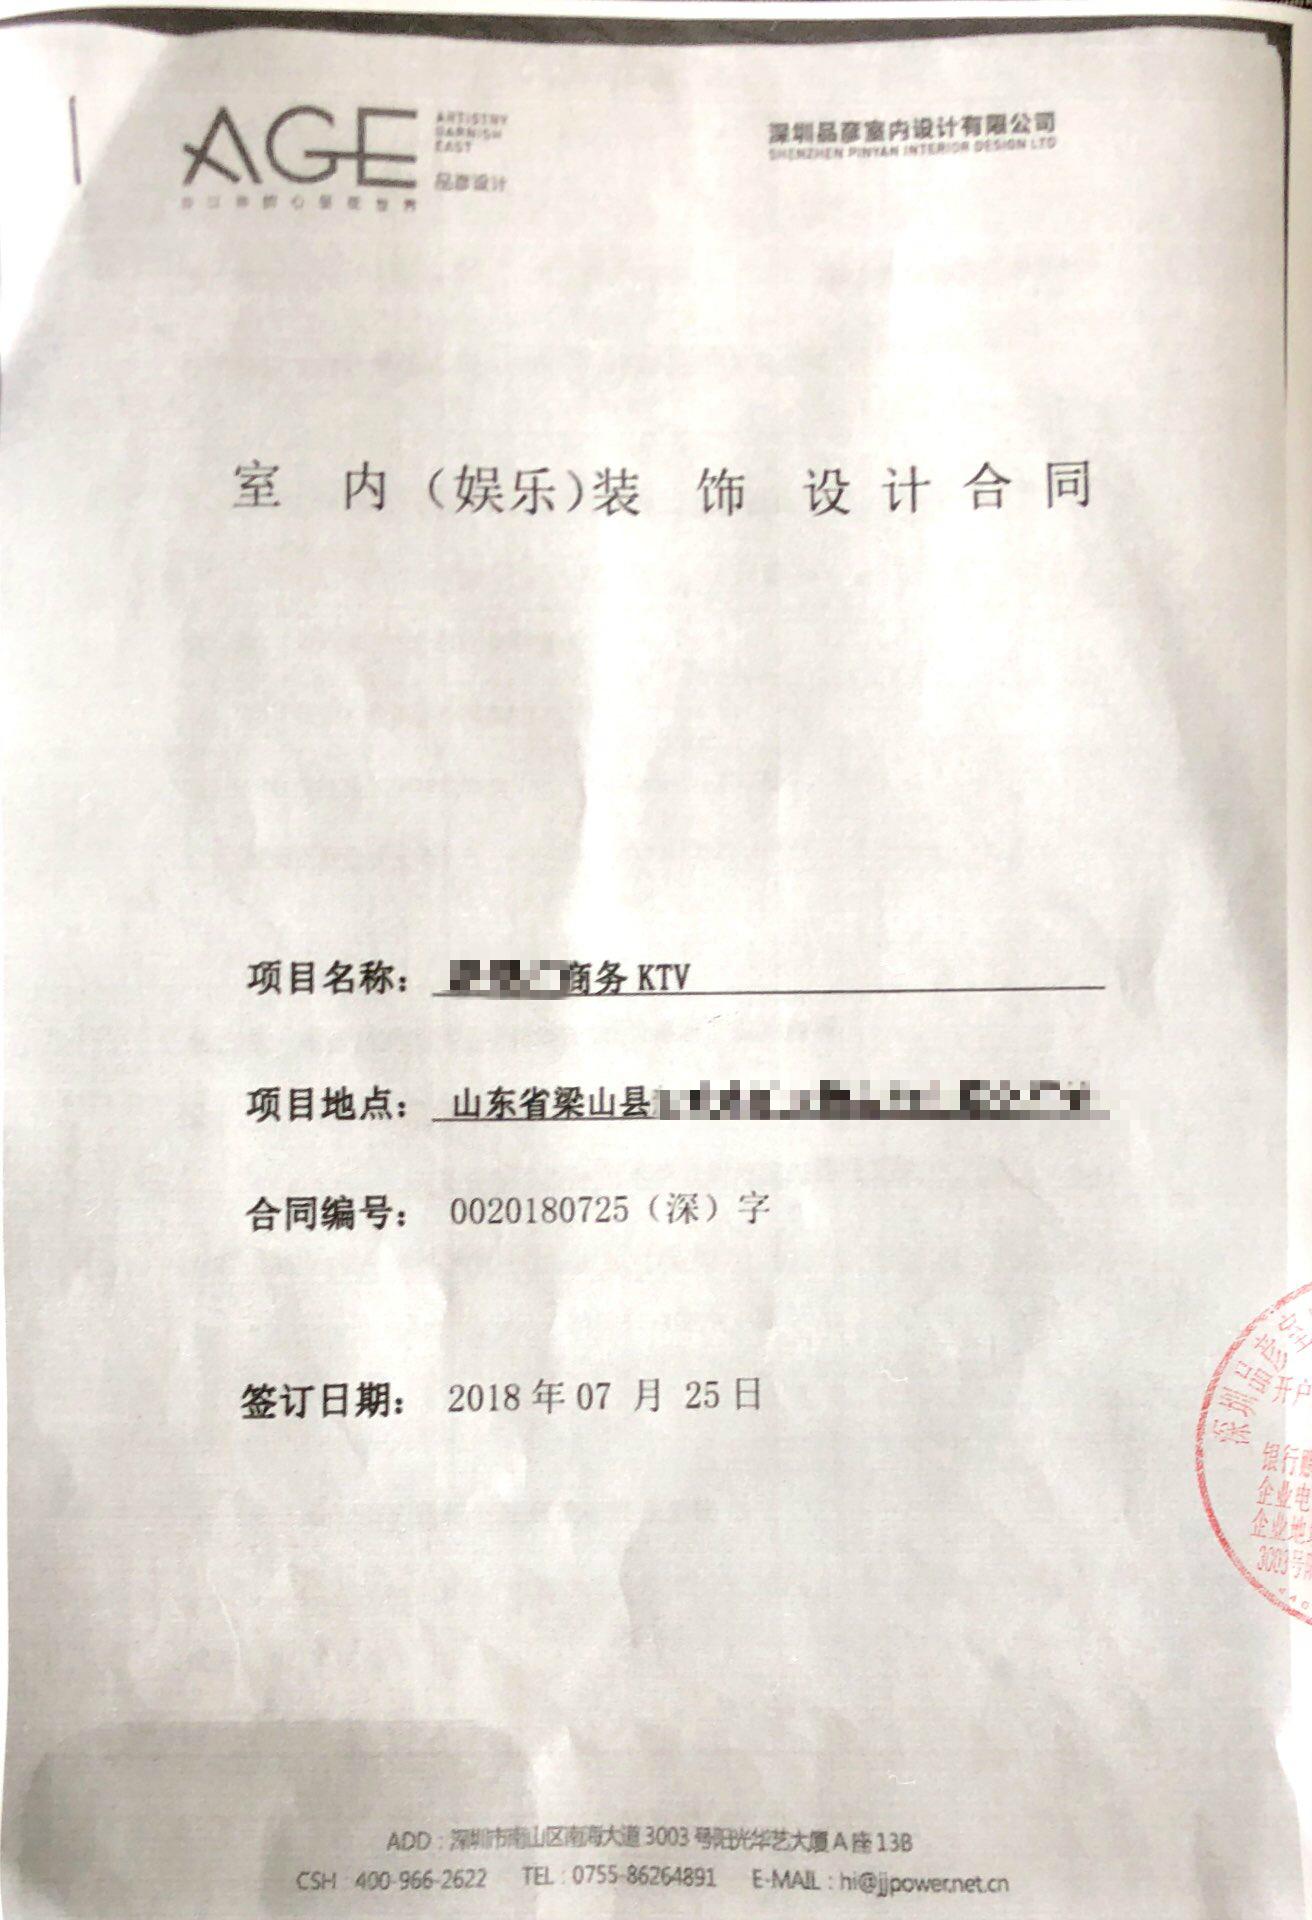 2018.7.28 成功签署山东济宁大型商务KTV项目